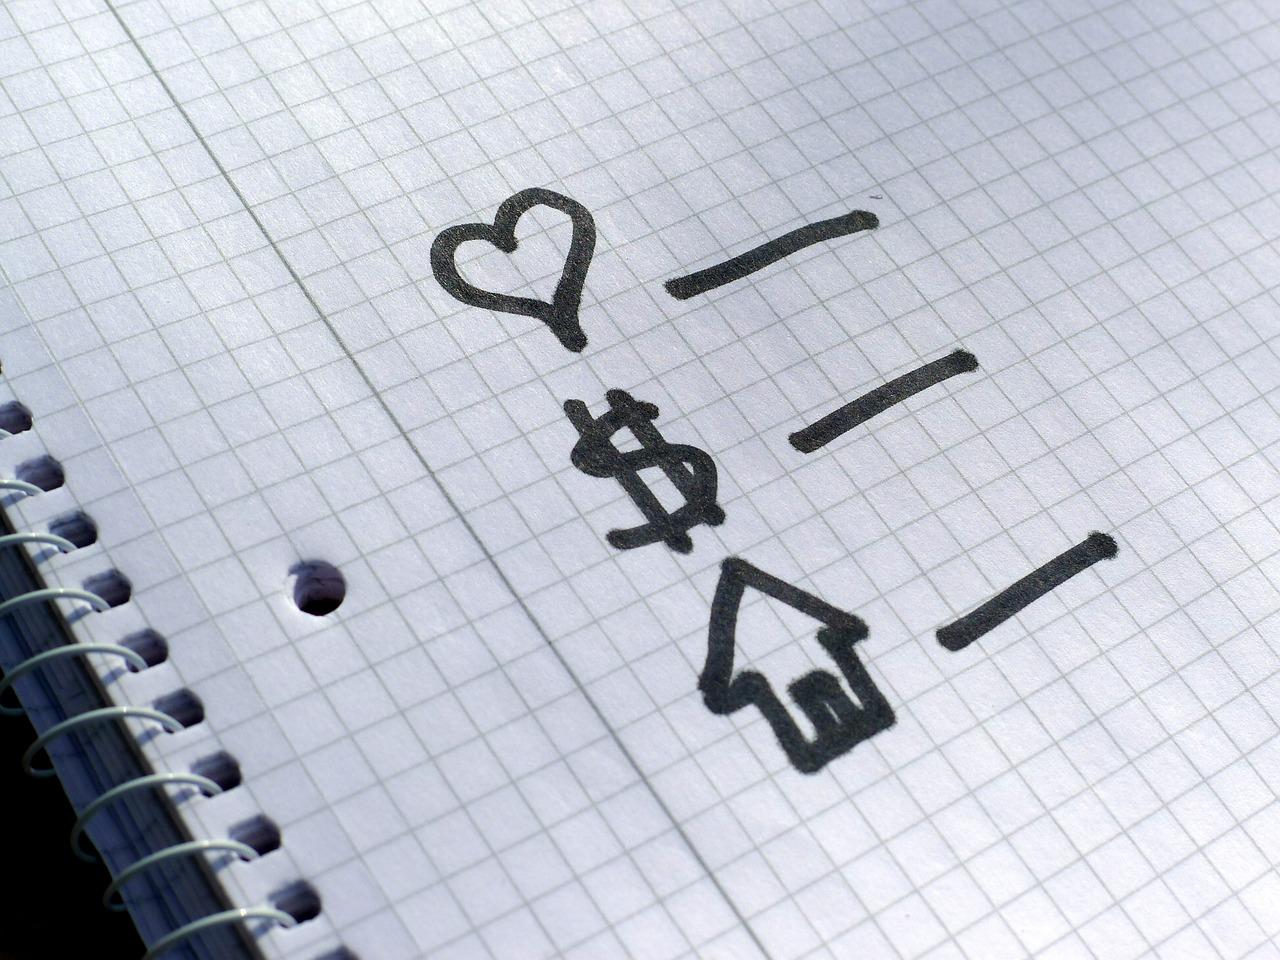 Ten claras tus prioridades - primero de los tips para ahorrar